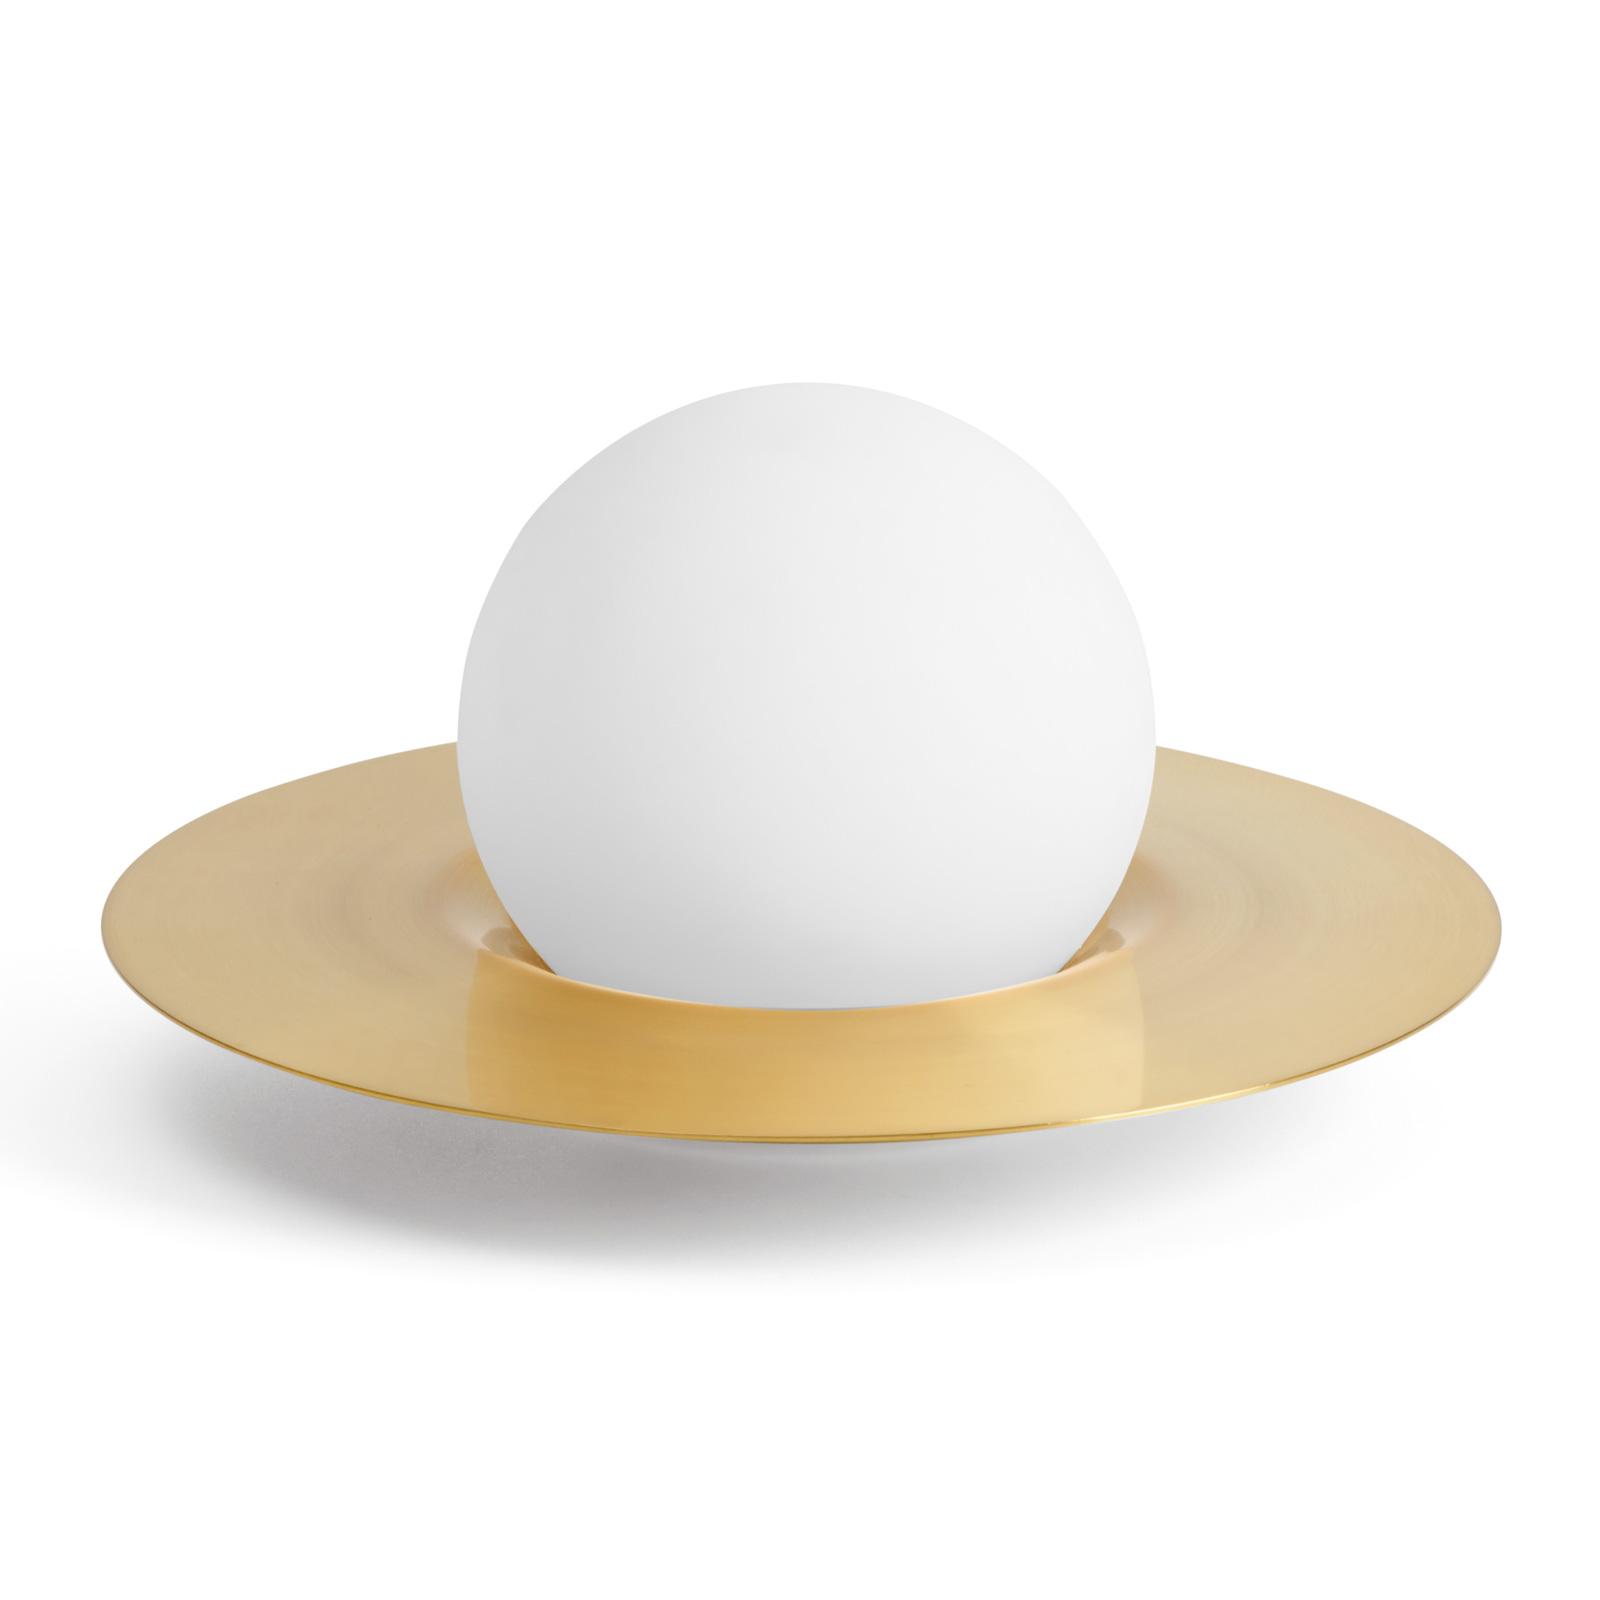 Bordlampe Hat av glass og metall med dimmer